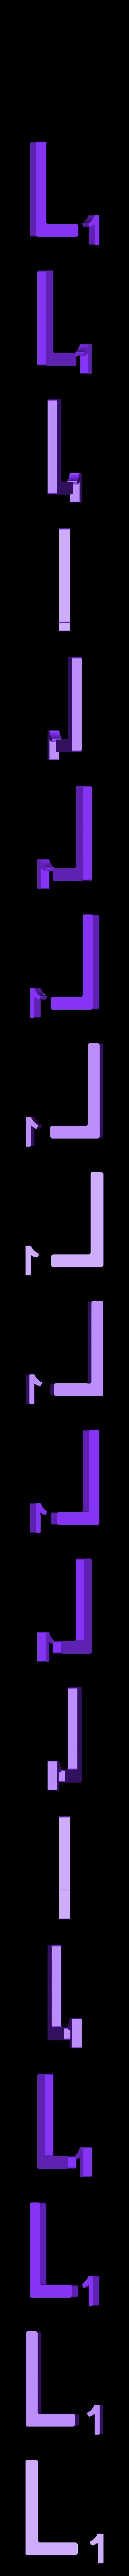 Dual_Letter_L.STL Télécharger fichier STL gratuit Pièces et support SCRABBBLE • Design pour imprimante 3D, Balkhagal4D